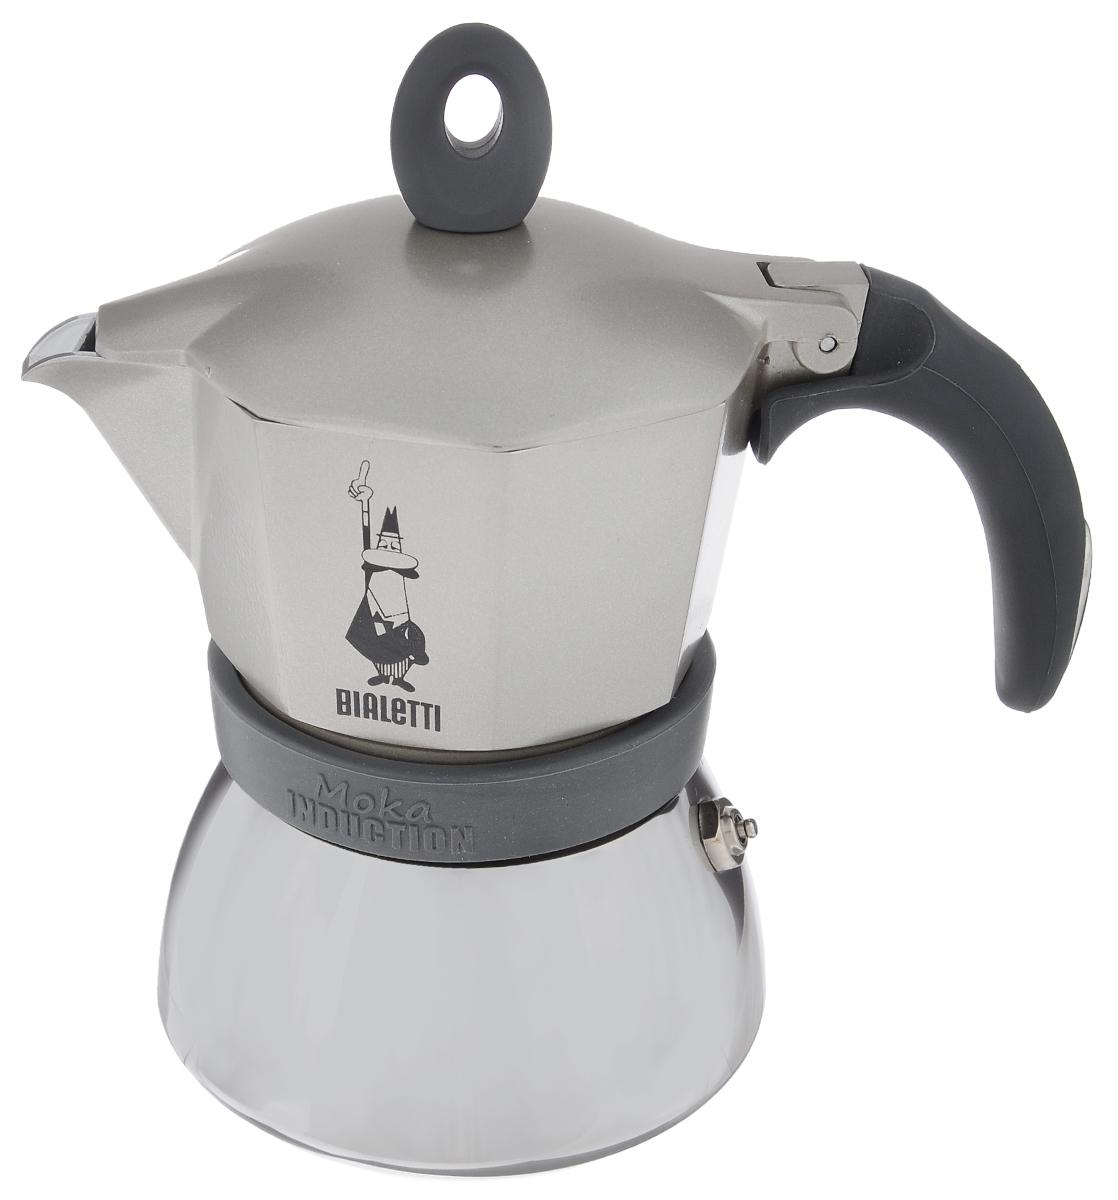 Кофеварка гейзерная Bialetti Moka Induction, цвет: серый, на 3 чашки54 009303Компактная гейзерная кофеварка Bialetti Moka Induction изготовлена из высококачественного алюминия и стали. Объема кофе хватает на 3 чашки. Изделие оснащено удобной обрезиненной ручкой.Принцип работы такой гейзерной кофеварки - кофе заваривается путем многократного прохождения горячей воды или пара через слой молотого кофе. Удобство кофеварки в том, что вся кофейная гуща остается во внутренней емкости. Гейзерные кофеварки пользуются большой популярностью благодаря изысканному аромату. Кофе получается крепкий и насыщенный. Теперь и дома вы сможете насладиться великолепным эспрессо. Подходит для газовых, электрических, стеклокерамическихиндукционных плит. Нельзя мыть в посудомоечной машине. Высота (с учетом крышки): 17 см.